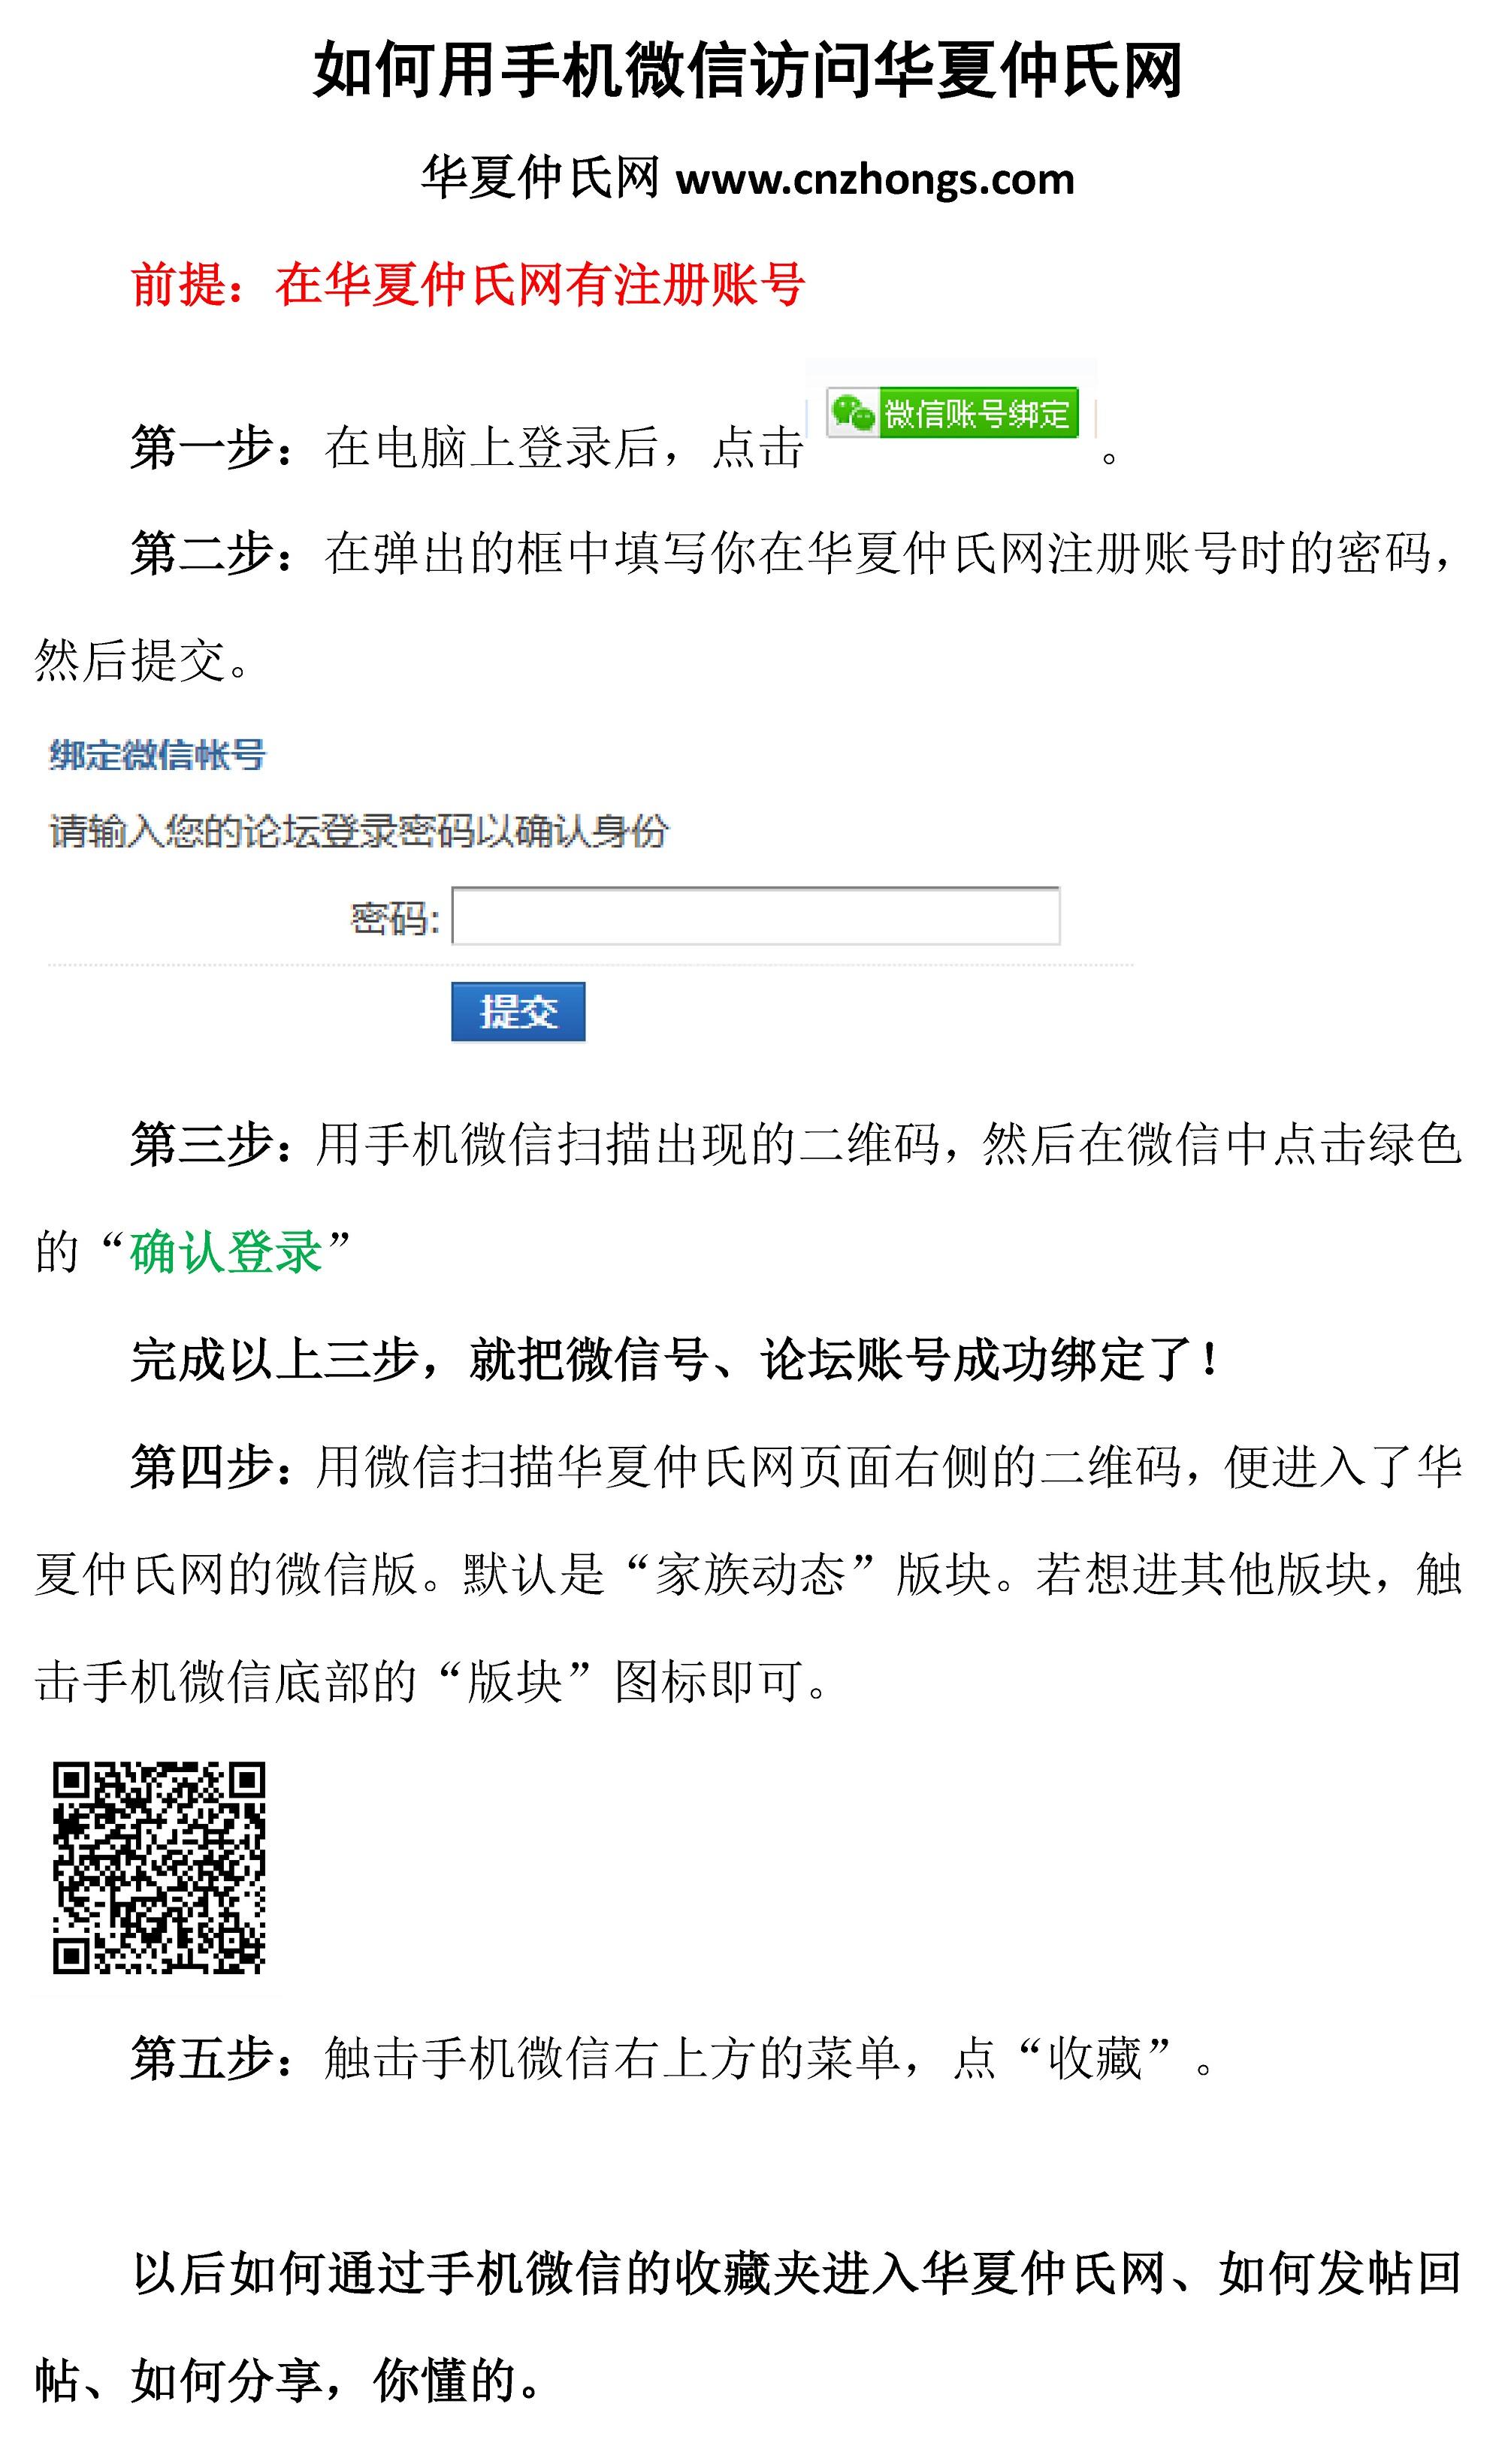 如何用手机微信访问华夏仲氏网